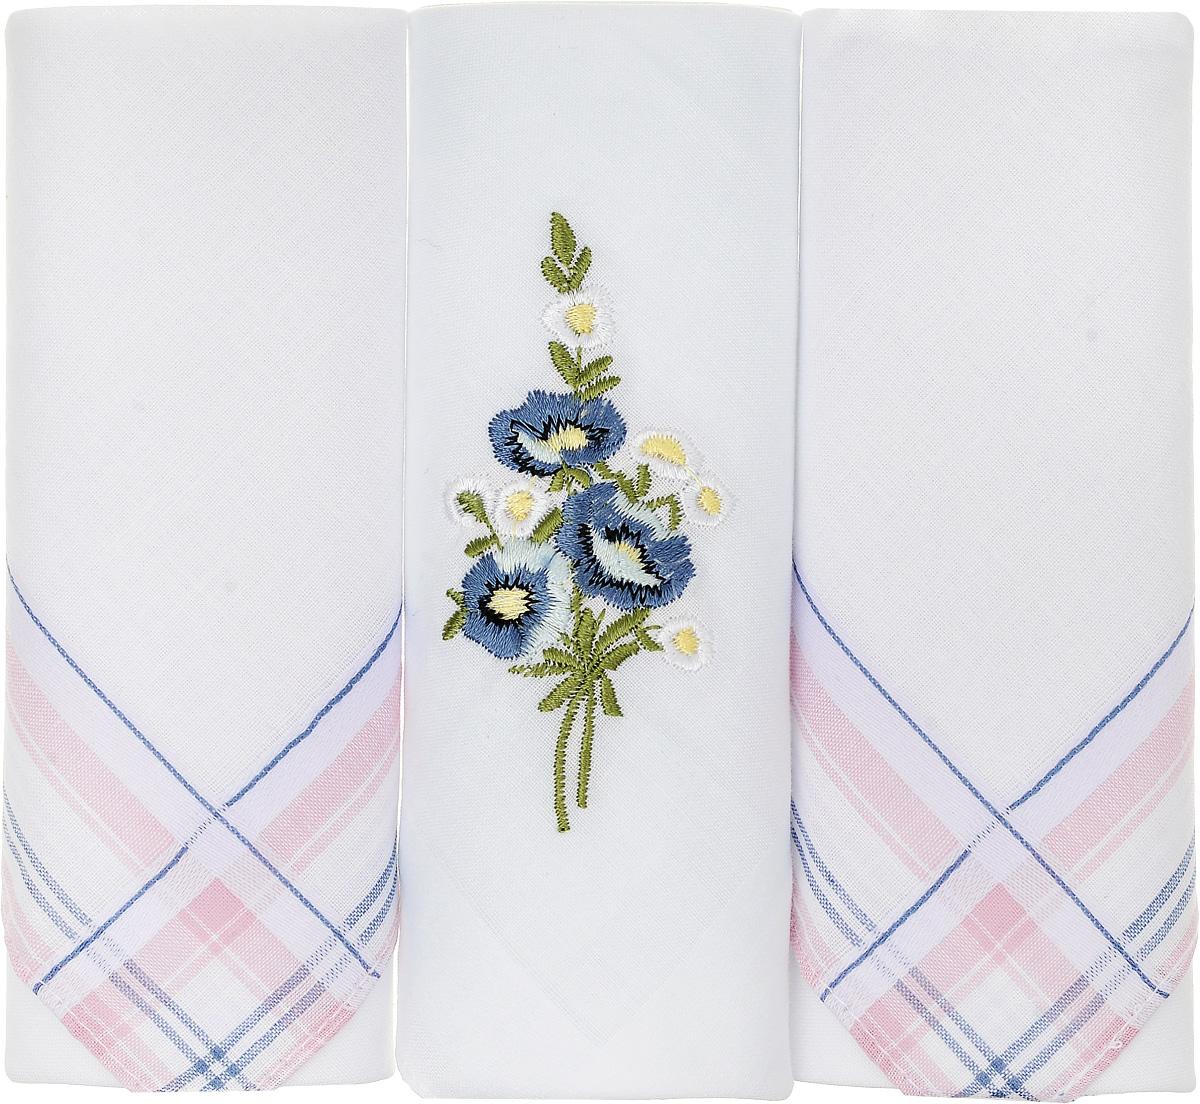 Платок носовой женский Zlata Korunka, цвет: белый, 3 шт. 90329-40. Размер 29 см х 29 см90329-40Небольшой женский носовой платок Zlata Korunka изготовлен из высококачественного натурального хлопка, благодаря чему приятен в использовании, хорошо стирается, не садится и отлично впитывает влагу. Практичный и изящный носовой платок будет незаменим в повседневной жизни любого современного человека. Такой платок послужит стильным аксессуаром и подчеркнет ваше превосходное чувство вкуса. В комплекте 3 платка.